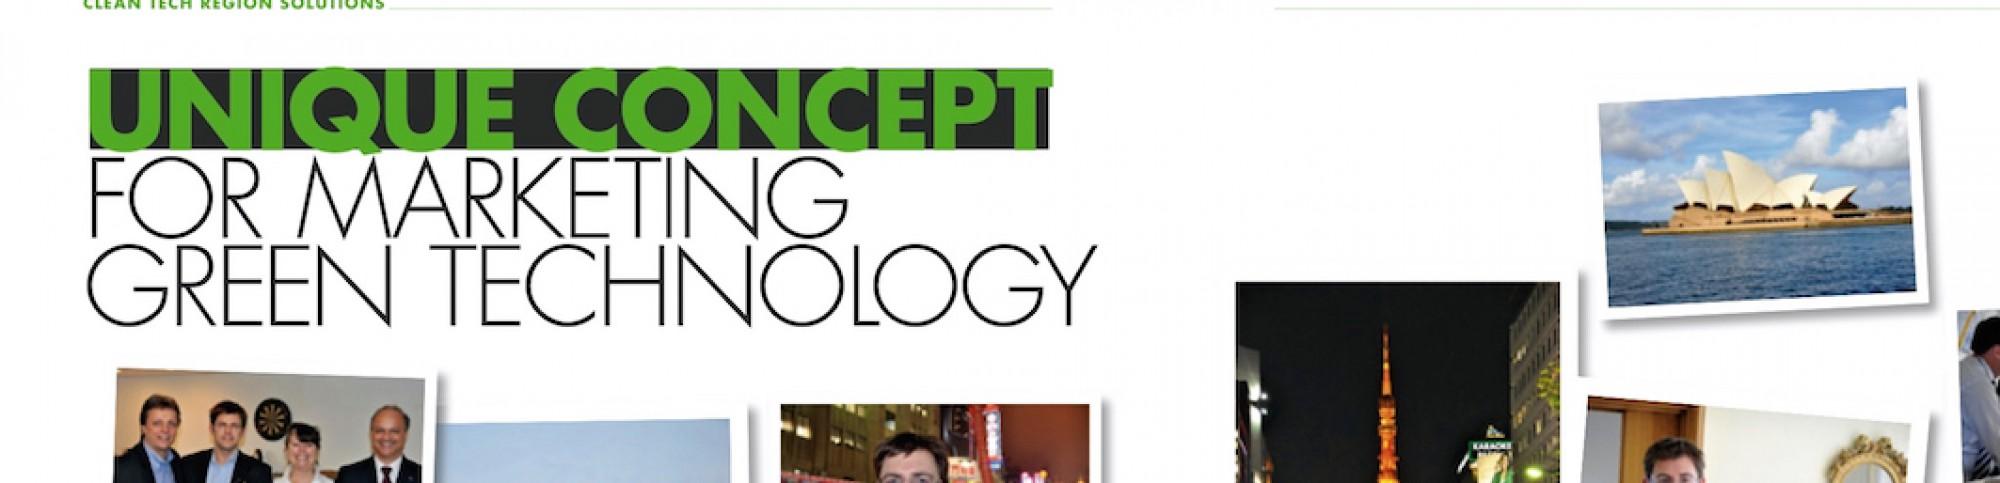 CleanTech Region Impact Group